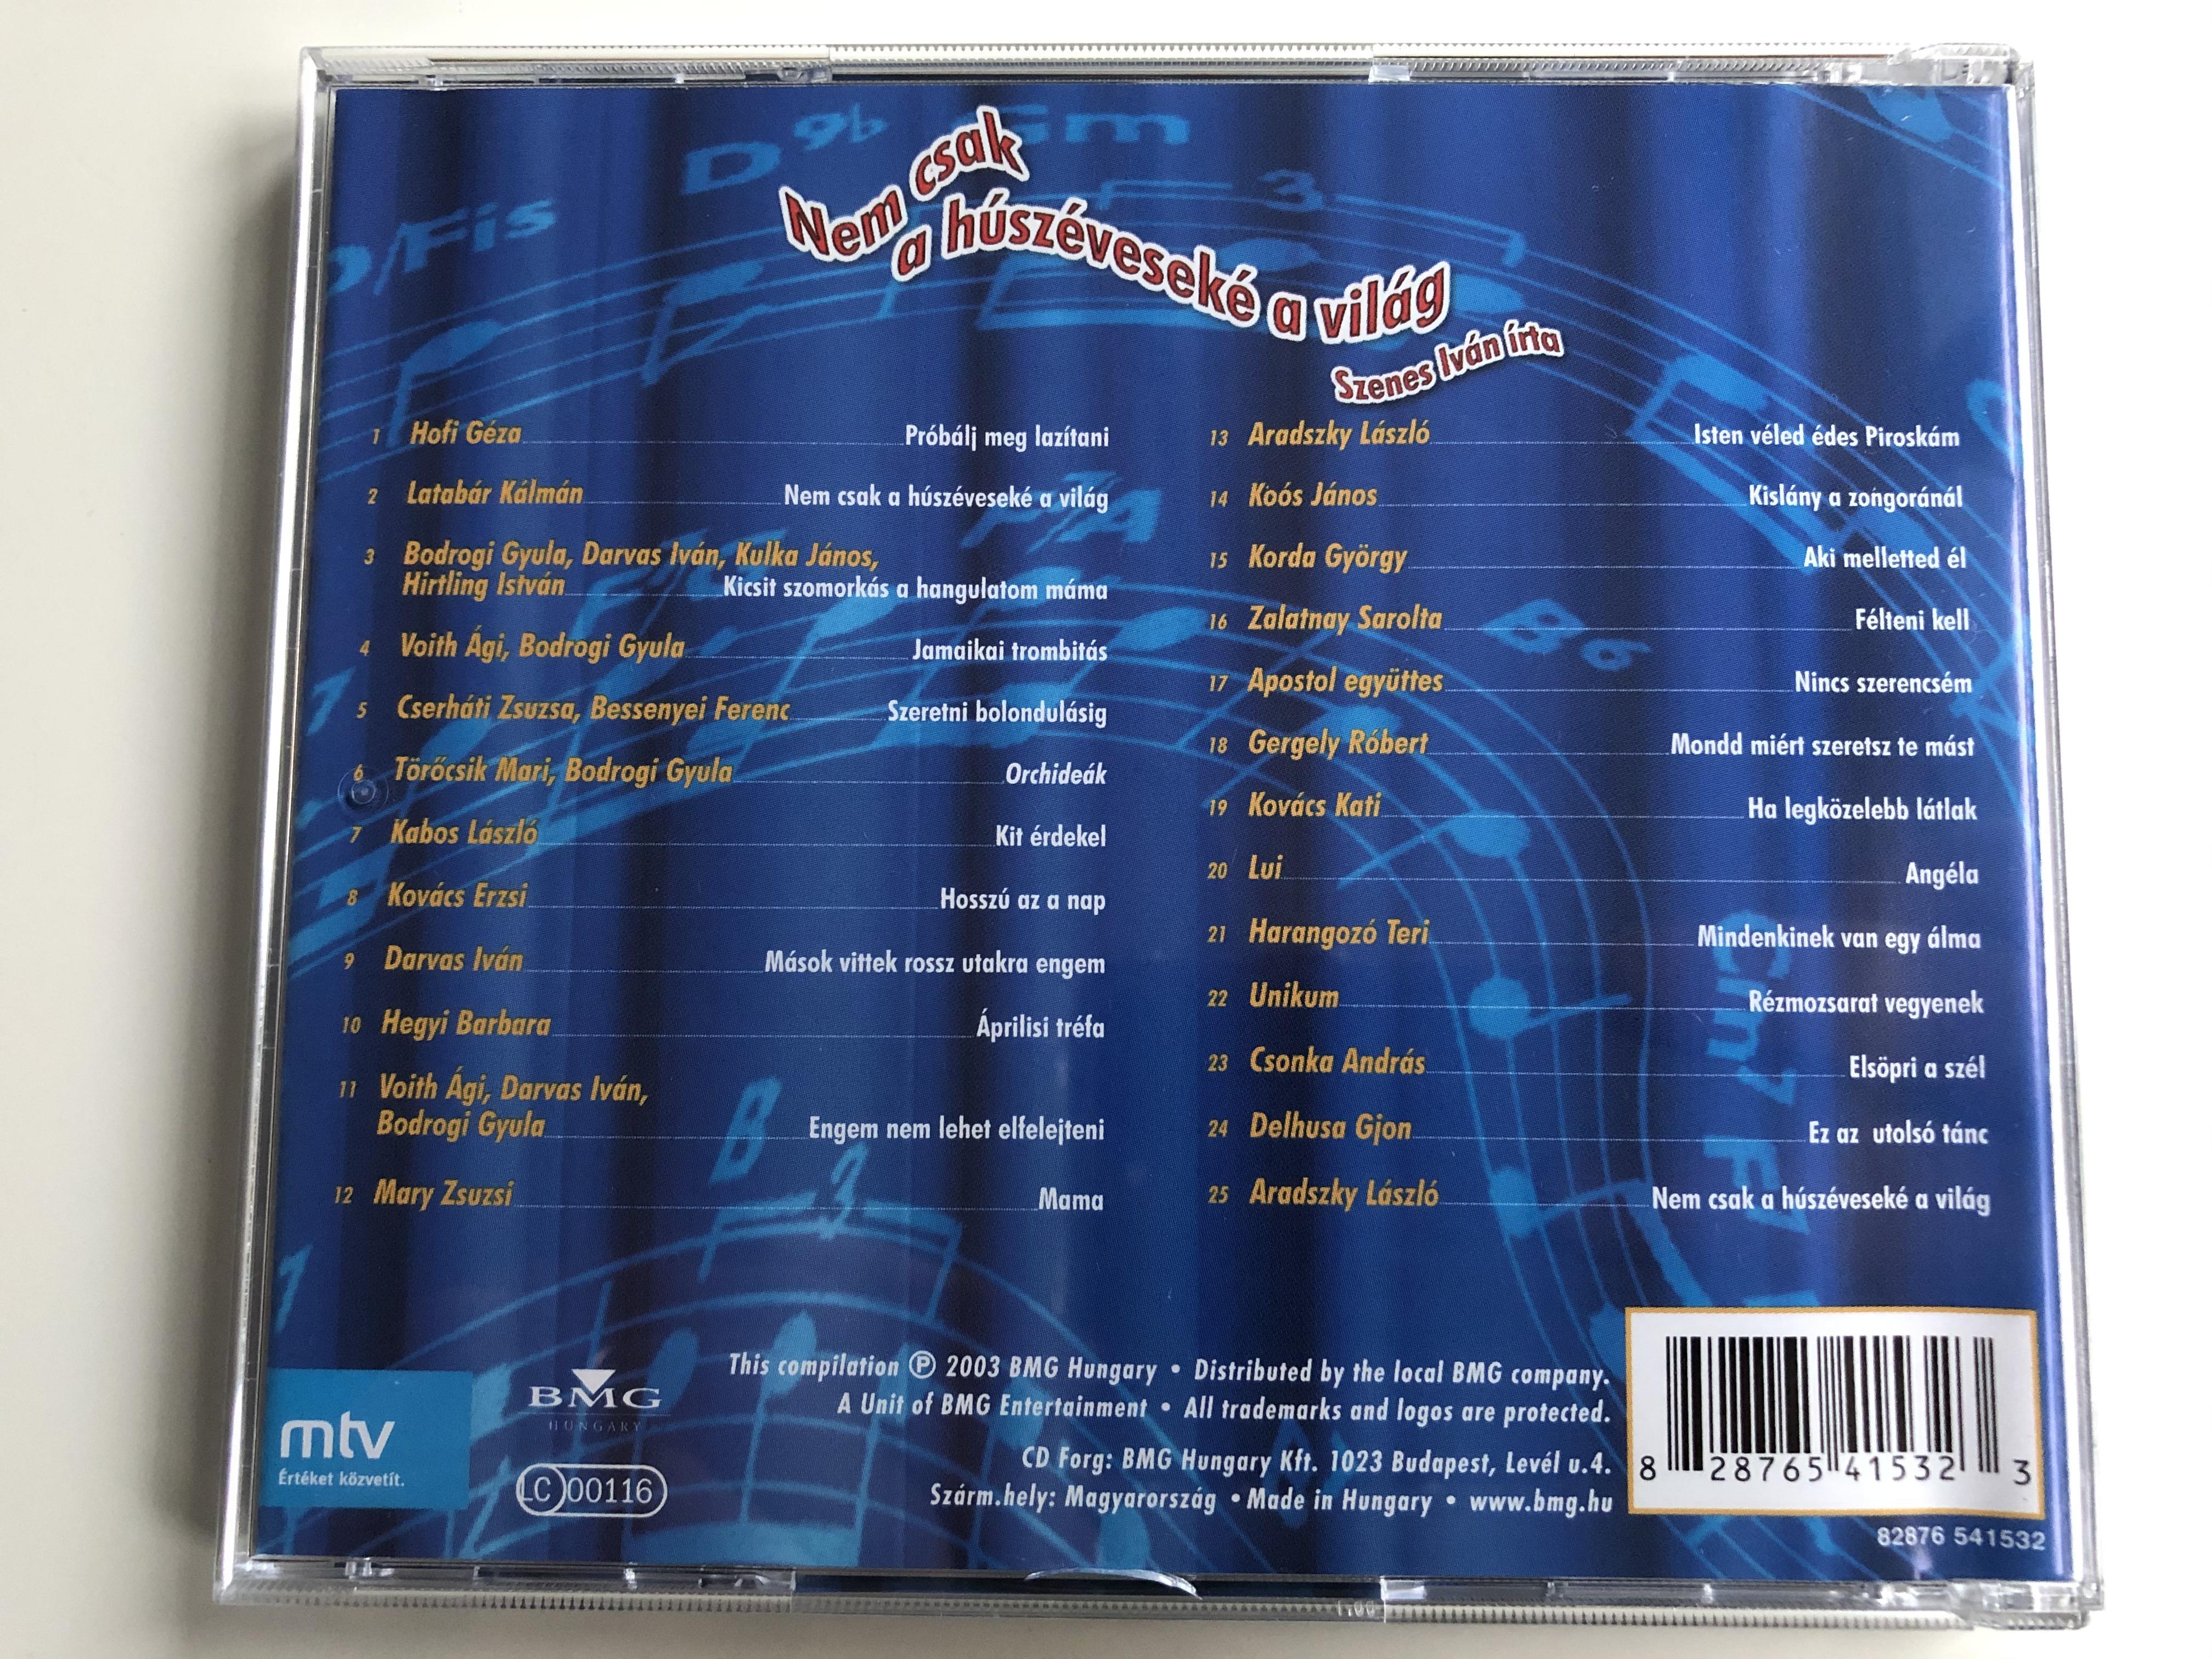 nem-csak-a-h-sz-vesek-a-vil-g-szenes-iv-n-rta-bmg-hungary-audio-cd-2003-82876-541532-5-.jpg